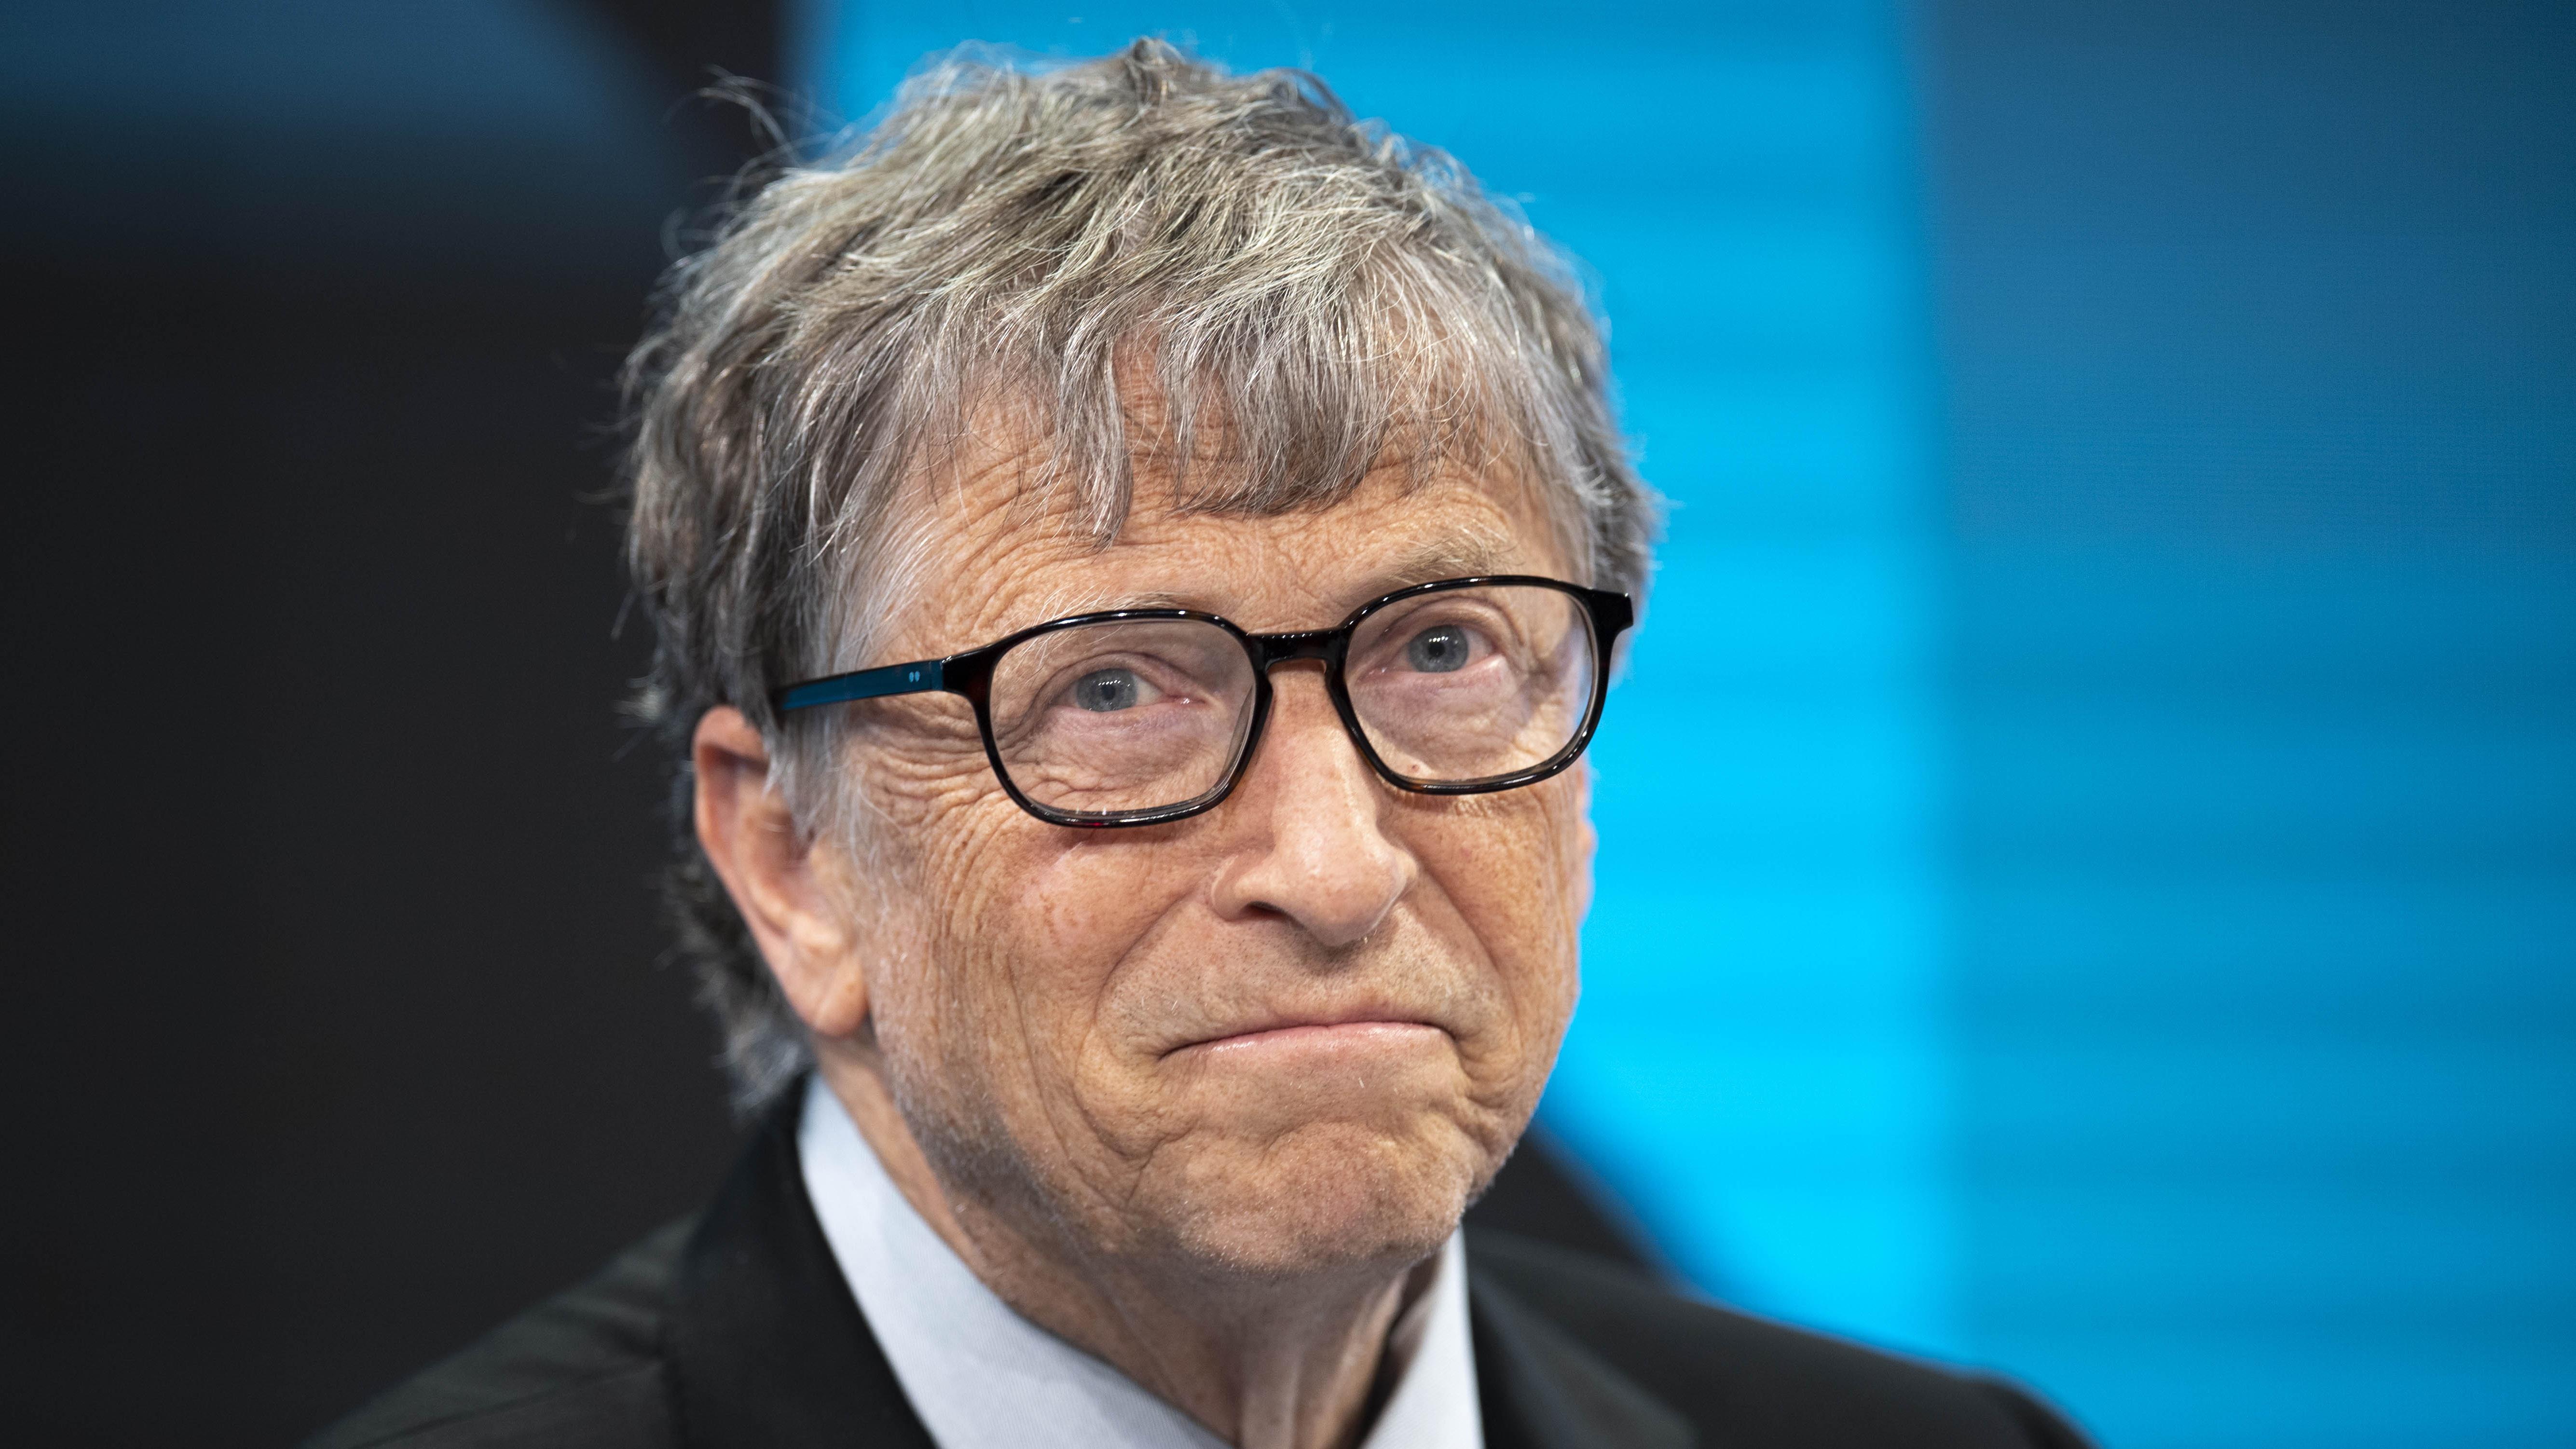 Wie viel verdient Bill Gates? Infos zu Vermögen und Scheidung